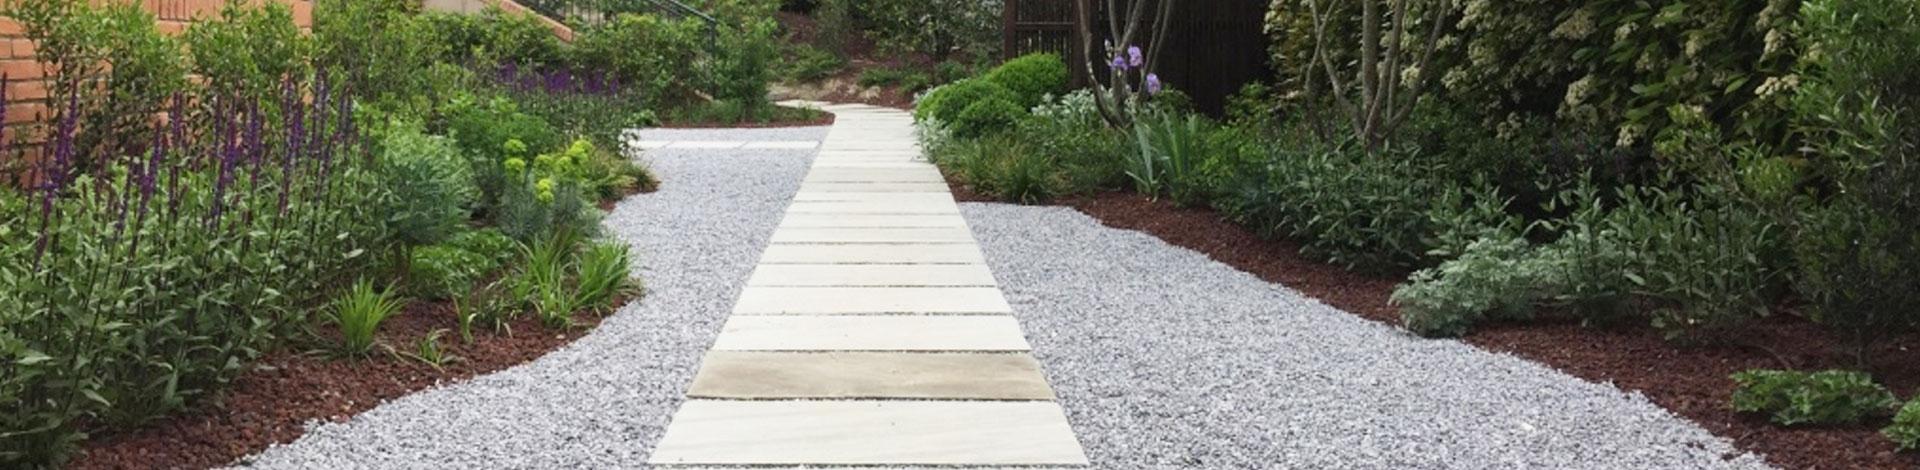 Pavimenti esterni pavimenti giardino pavimentazione terrazze piastrelle parquet pavimenti - Pavimentazione giardino in legno ...